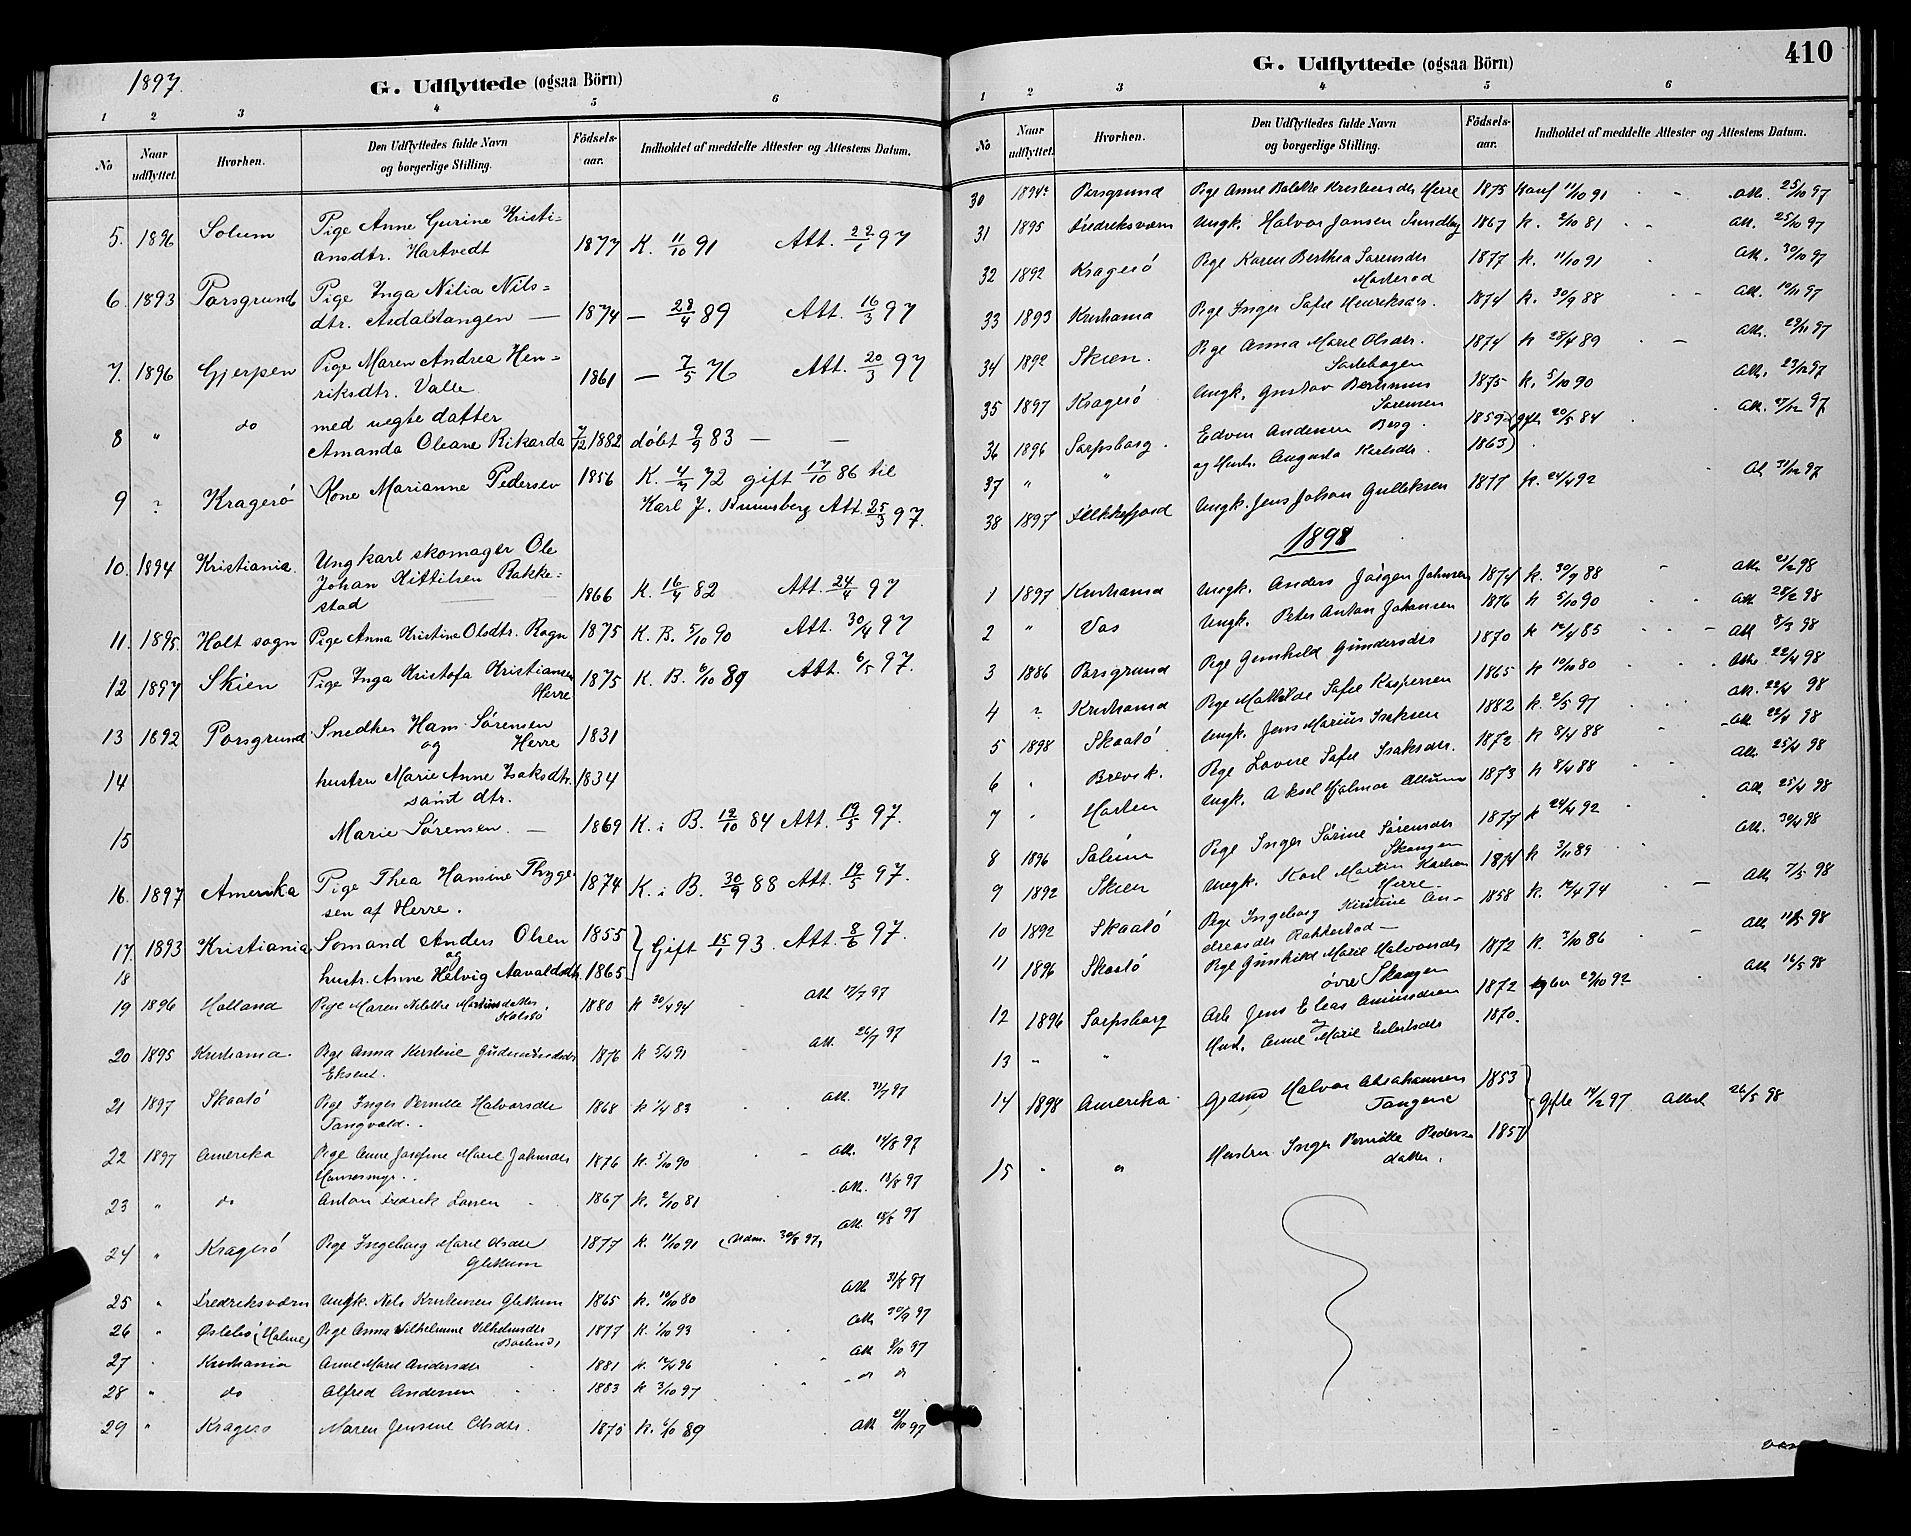 SAKO, Bamble kirkebøker, G/Ga/L0009: Klokkerbok nr. I 9, 1888-1900, s. 410